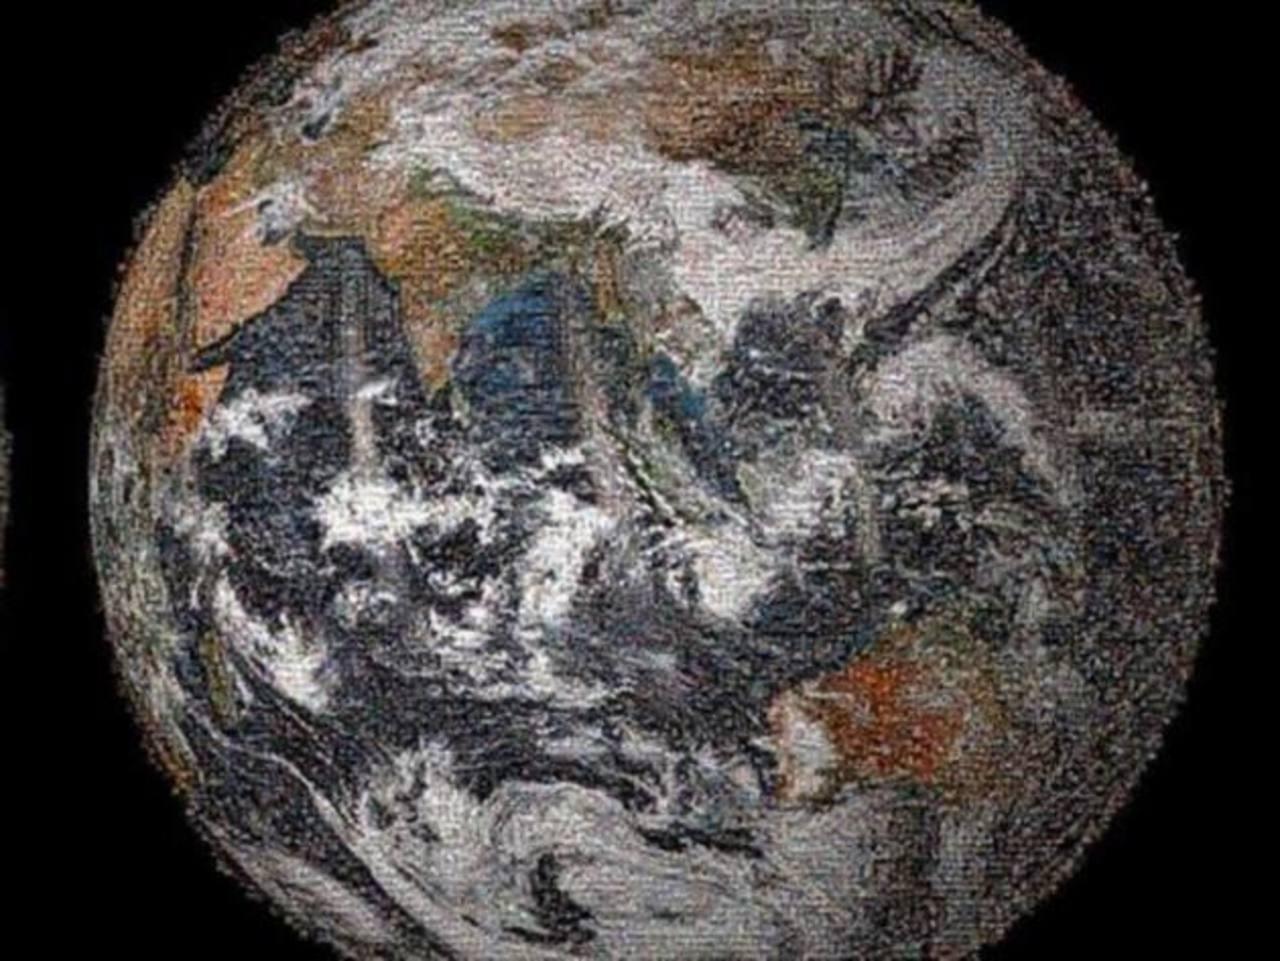 Mosaico creado con los selfies compartidos en las redes sociales con la etiqueta #GlobalSelfie en 2014.